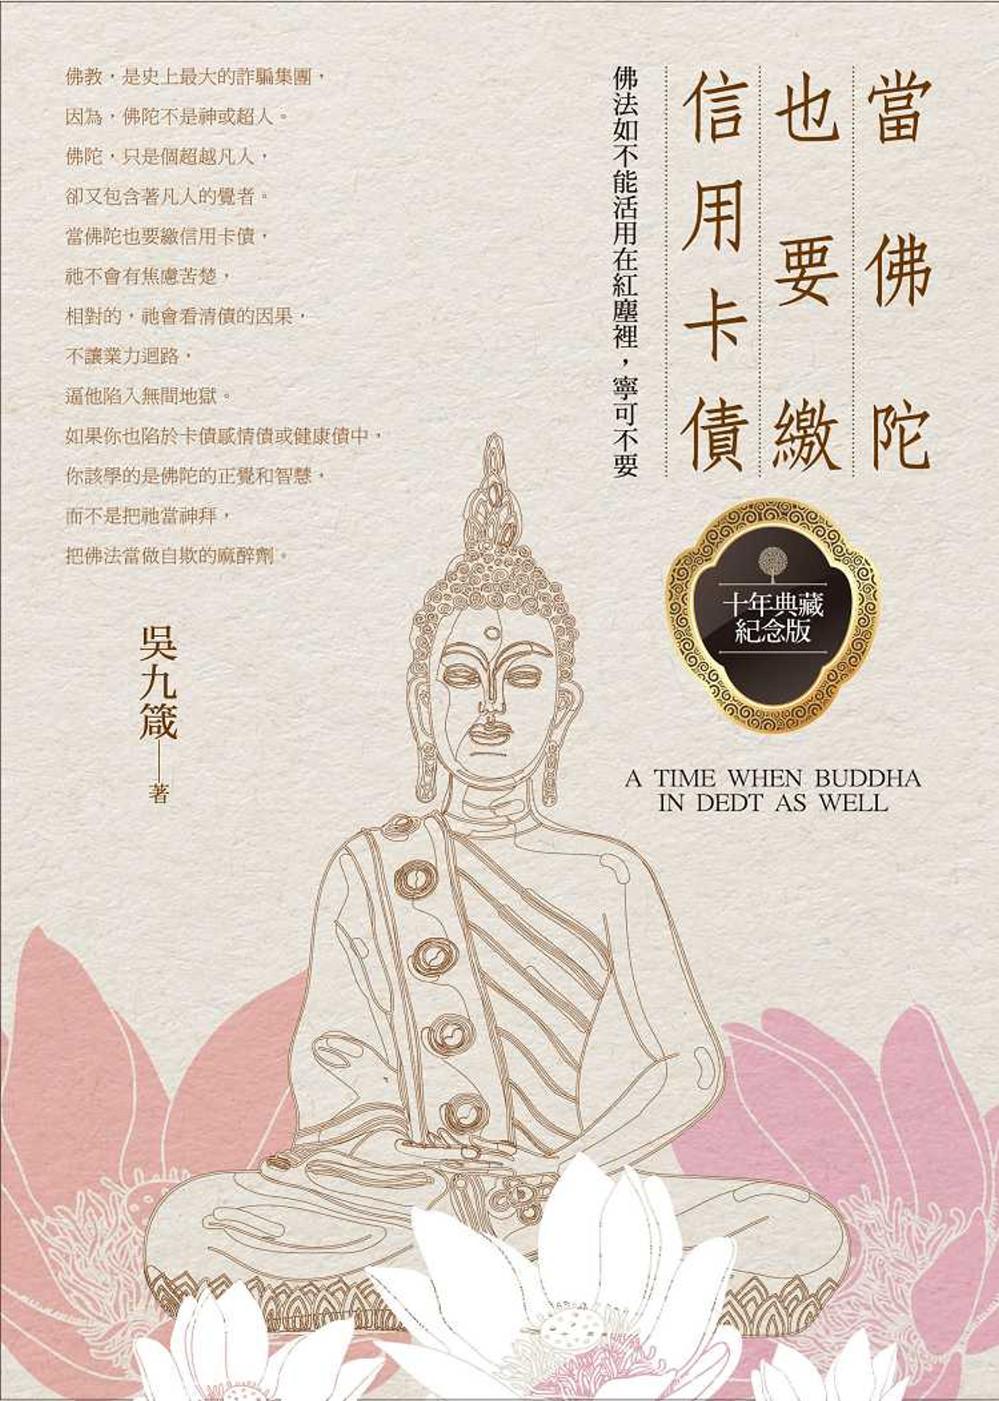 當佛陀也要繳信用卡債:佛法如不能活用在紅塵裡,寧可不要(典藏紀念版)